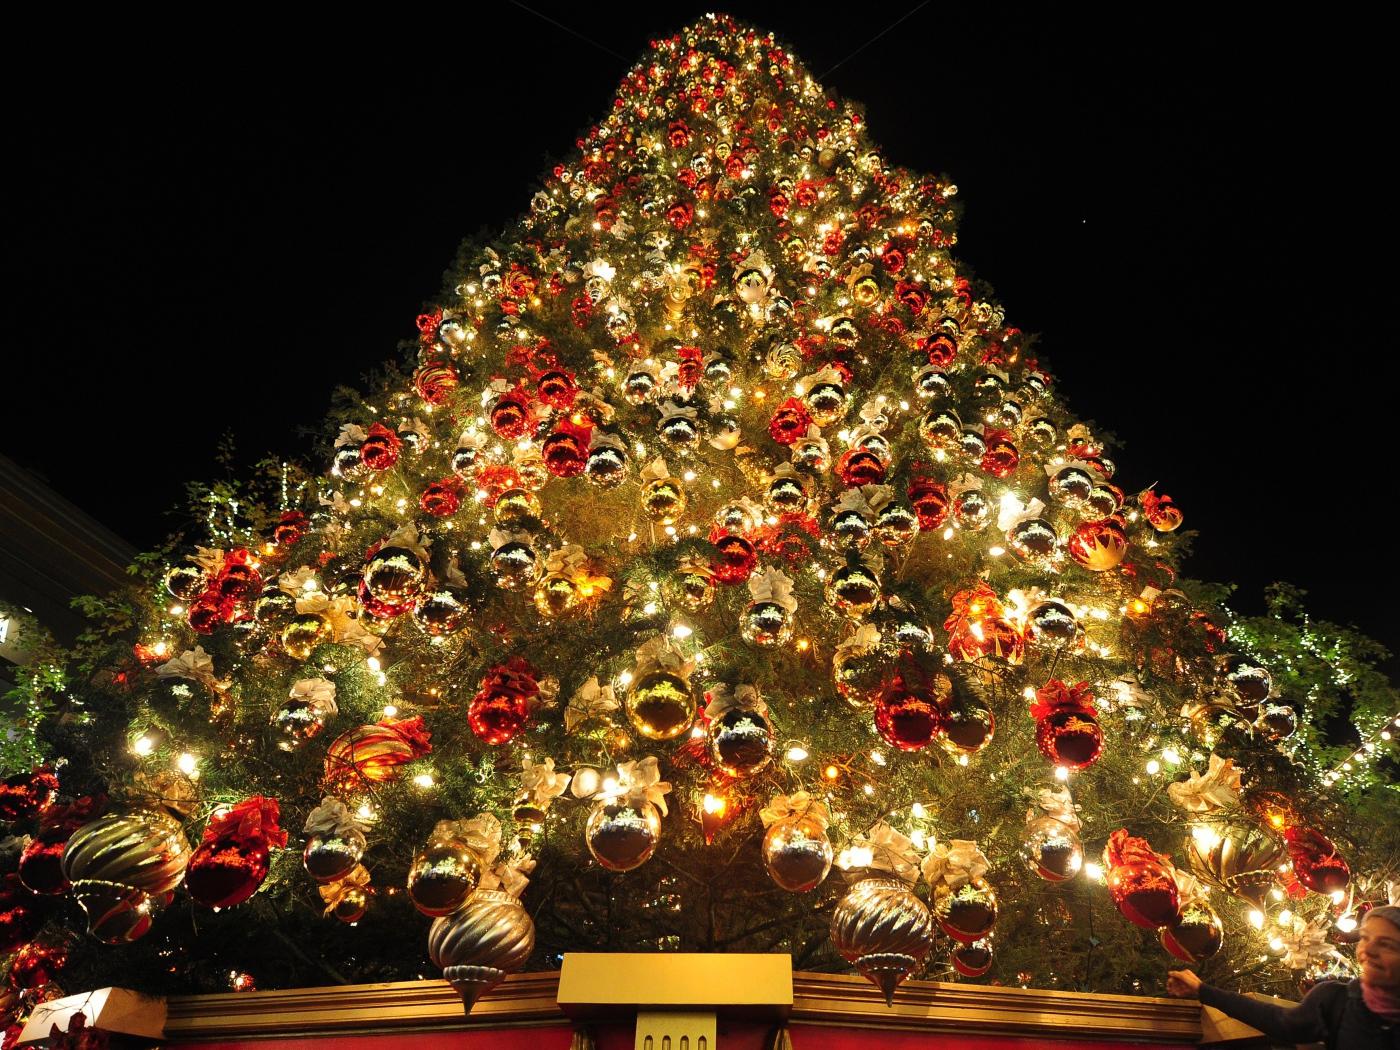 Новый год в Севастополе: расписание катка, программа мероприятий, список артистов